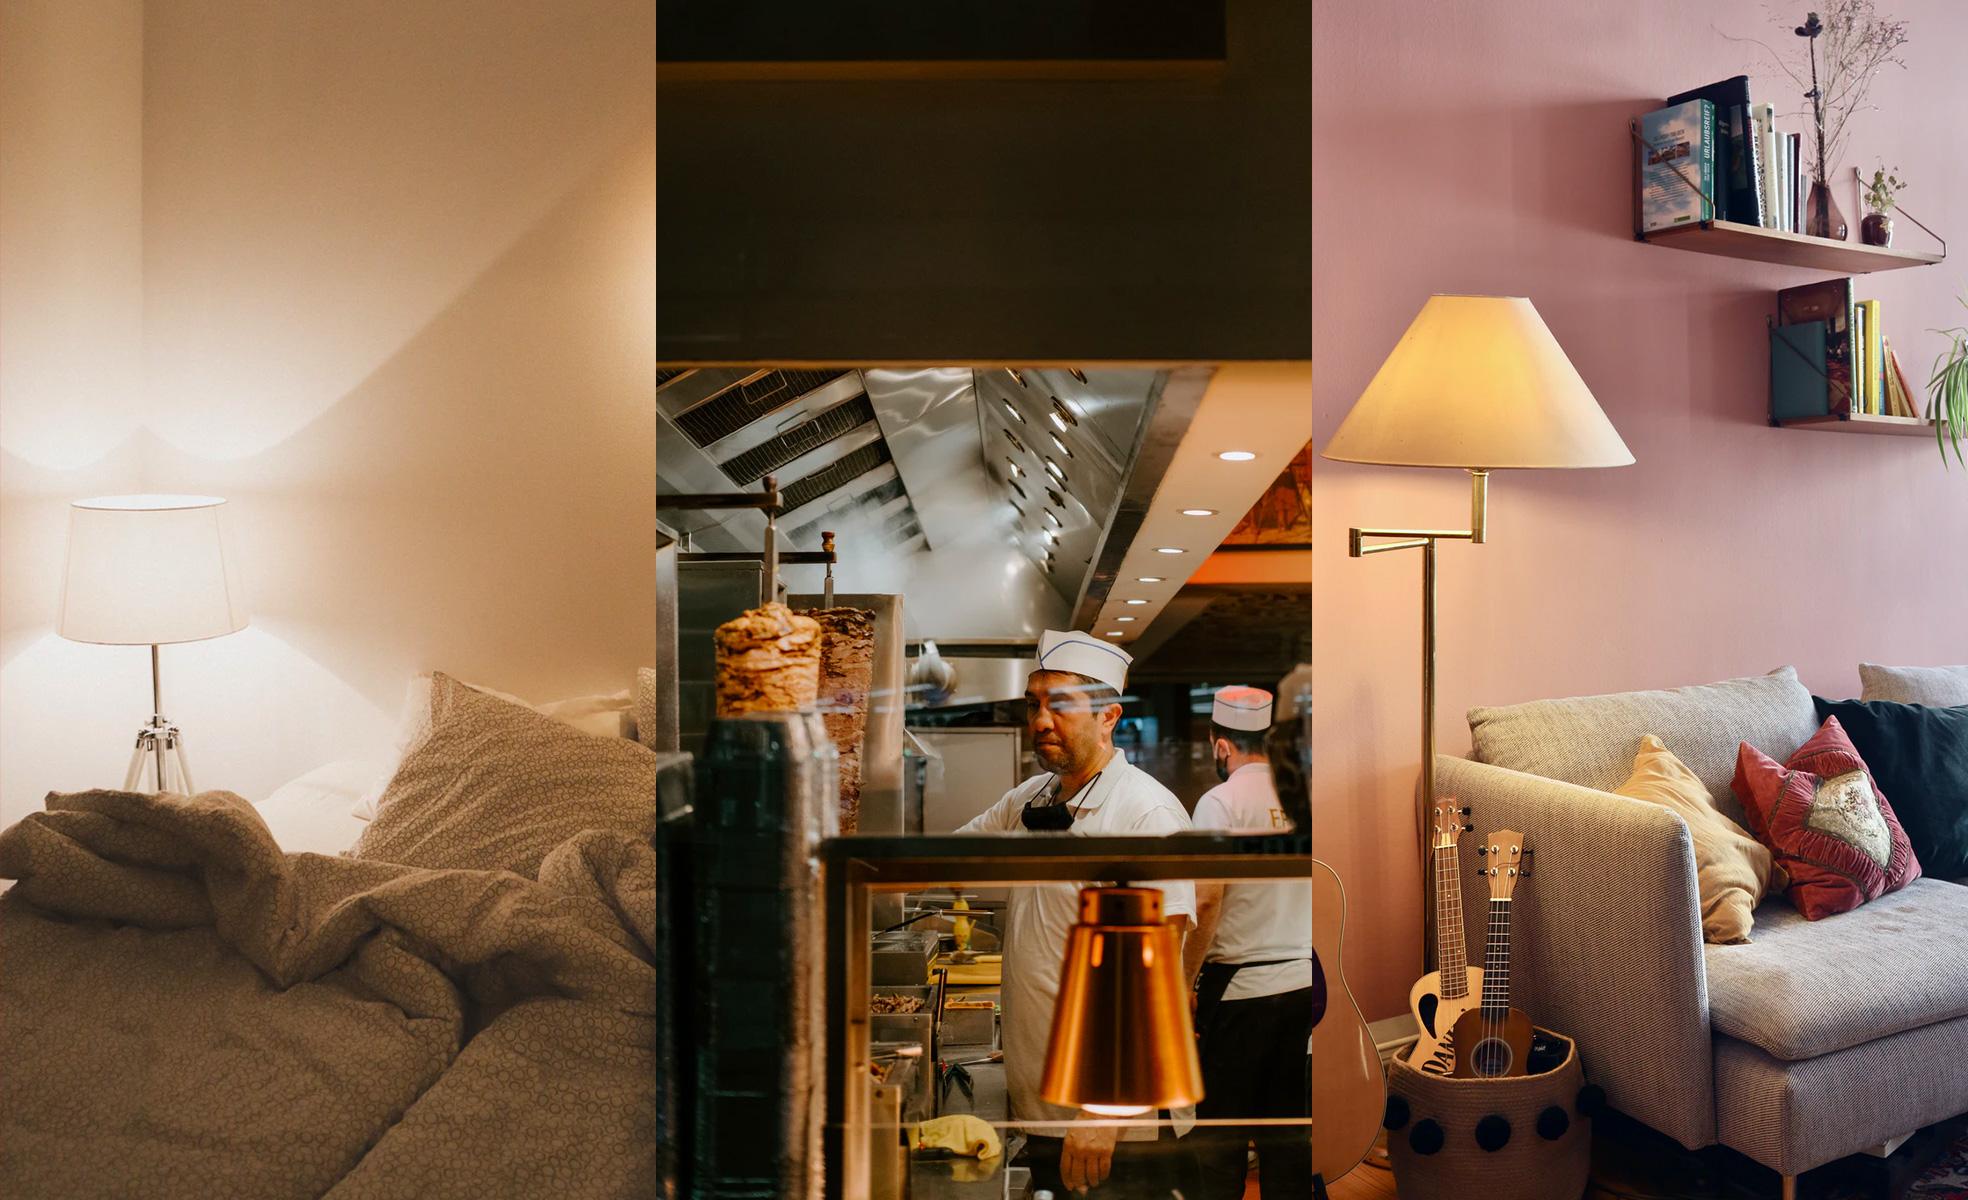 Iluminação ideal para cada ambiente | Guia da iluminação | westwing.com.br